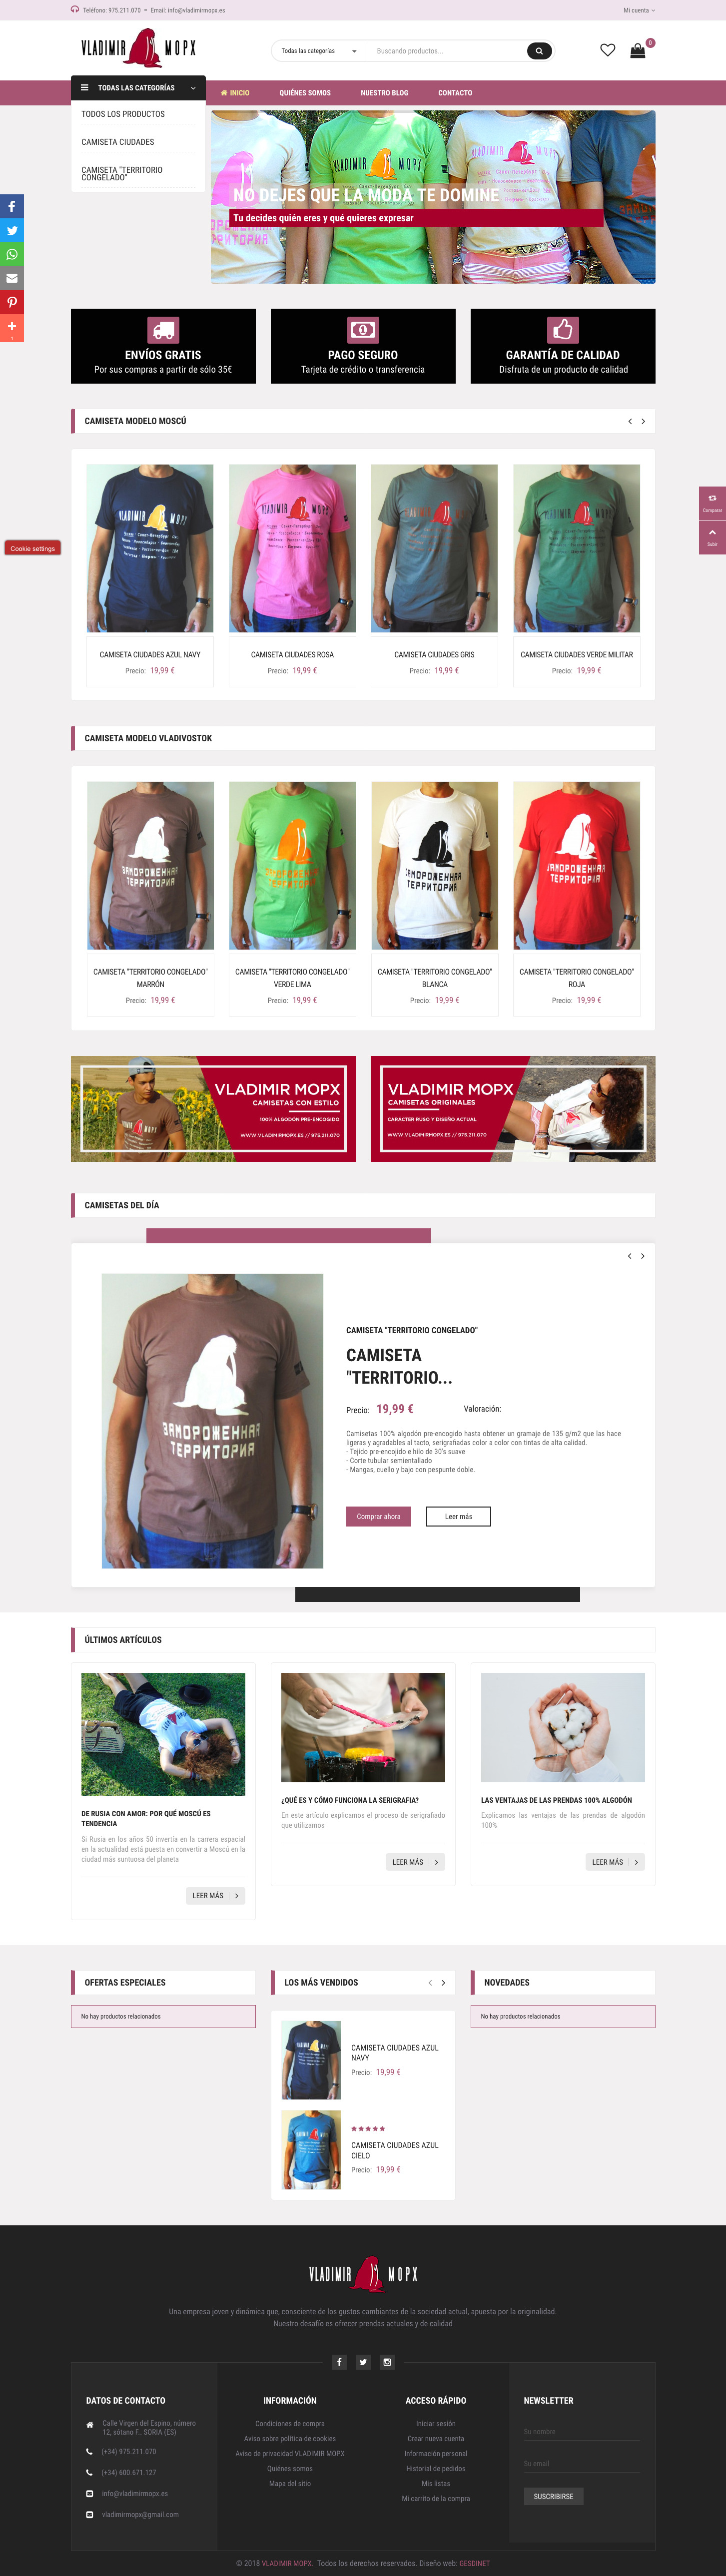 GESDINET. Diseño de páginas web